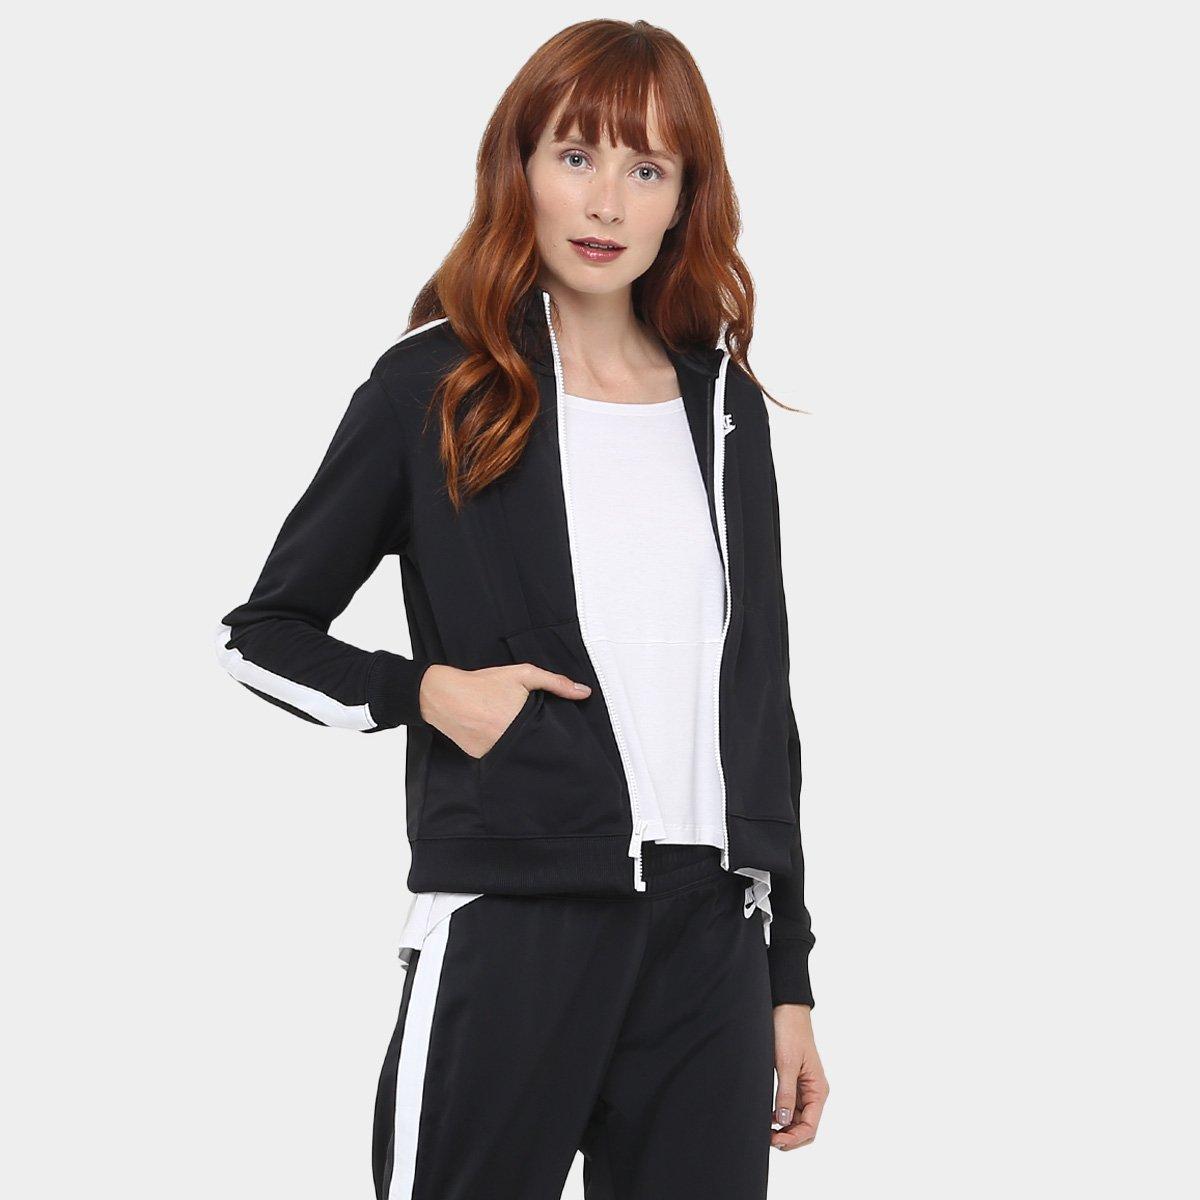 56cd4937a8 Agasalho Nike Pk Oh Feminino - Preto e Branco - Compre Agora